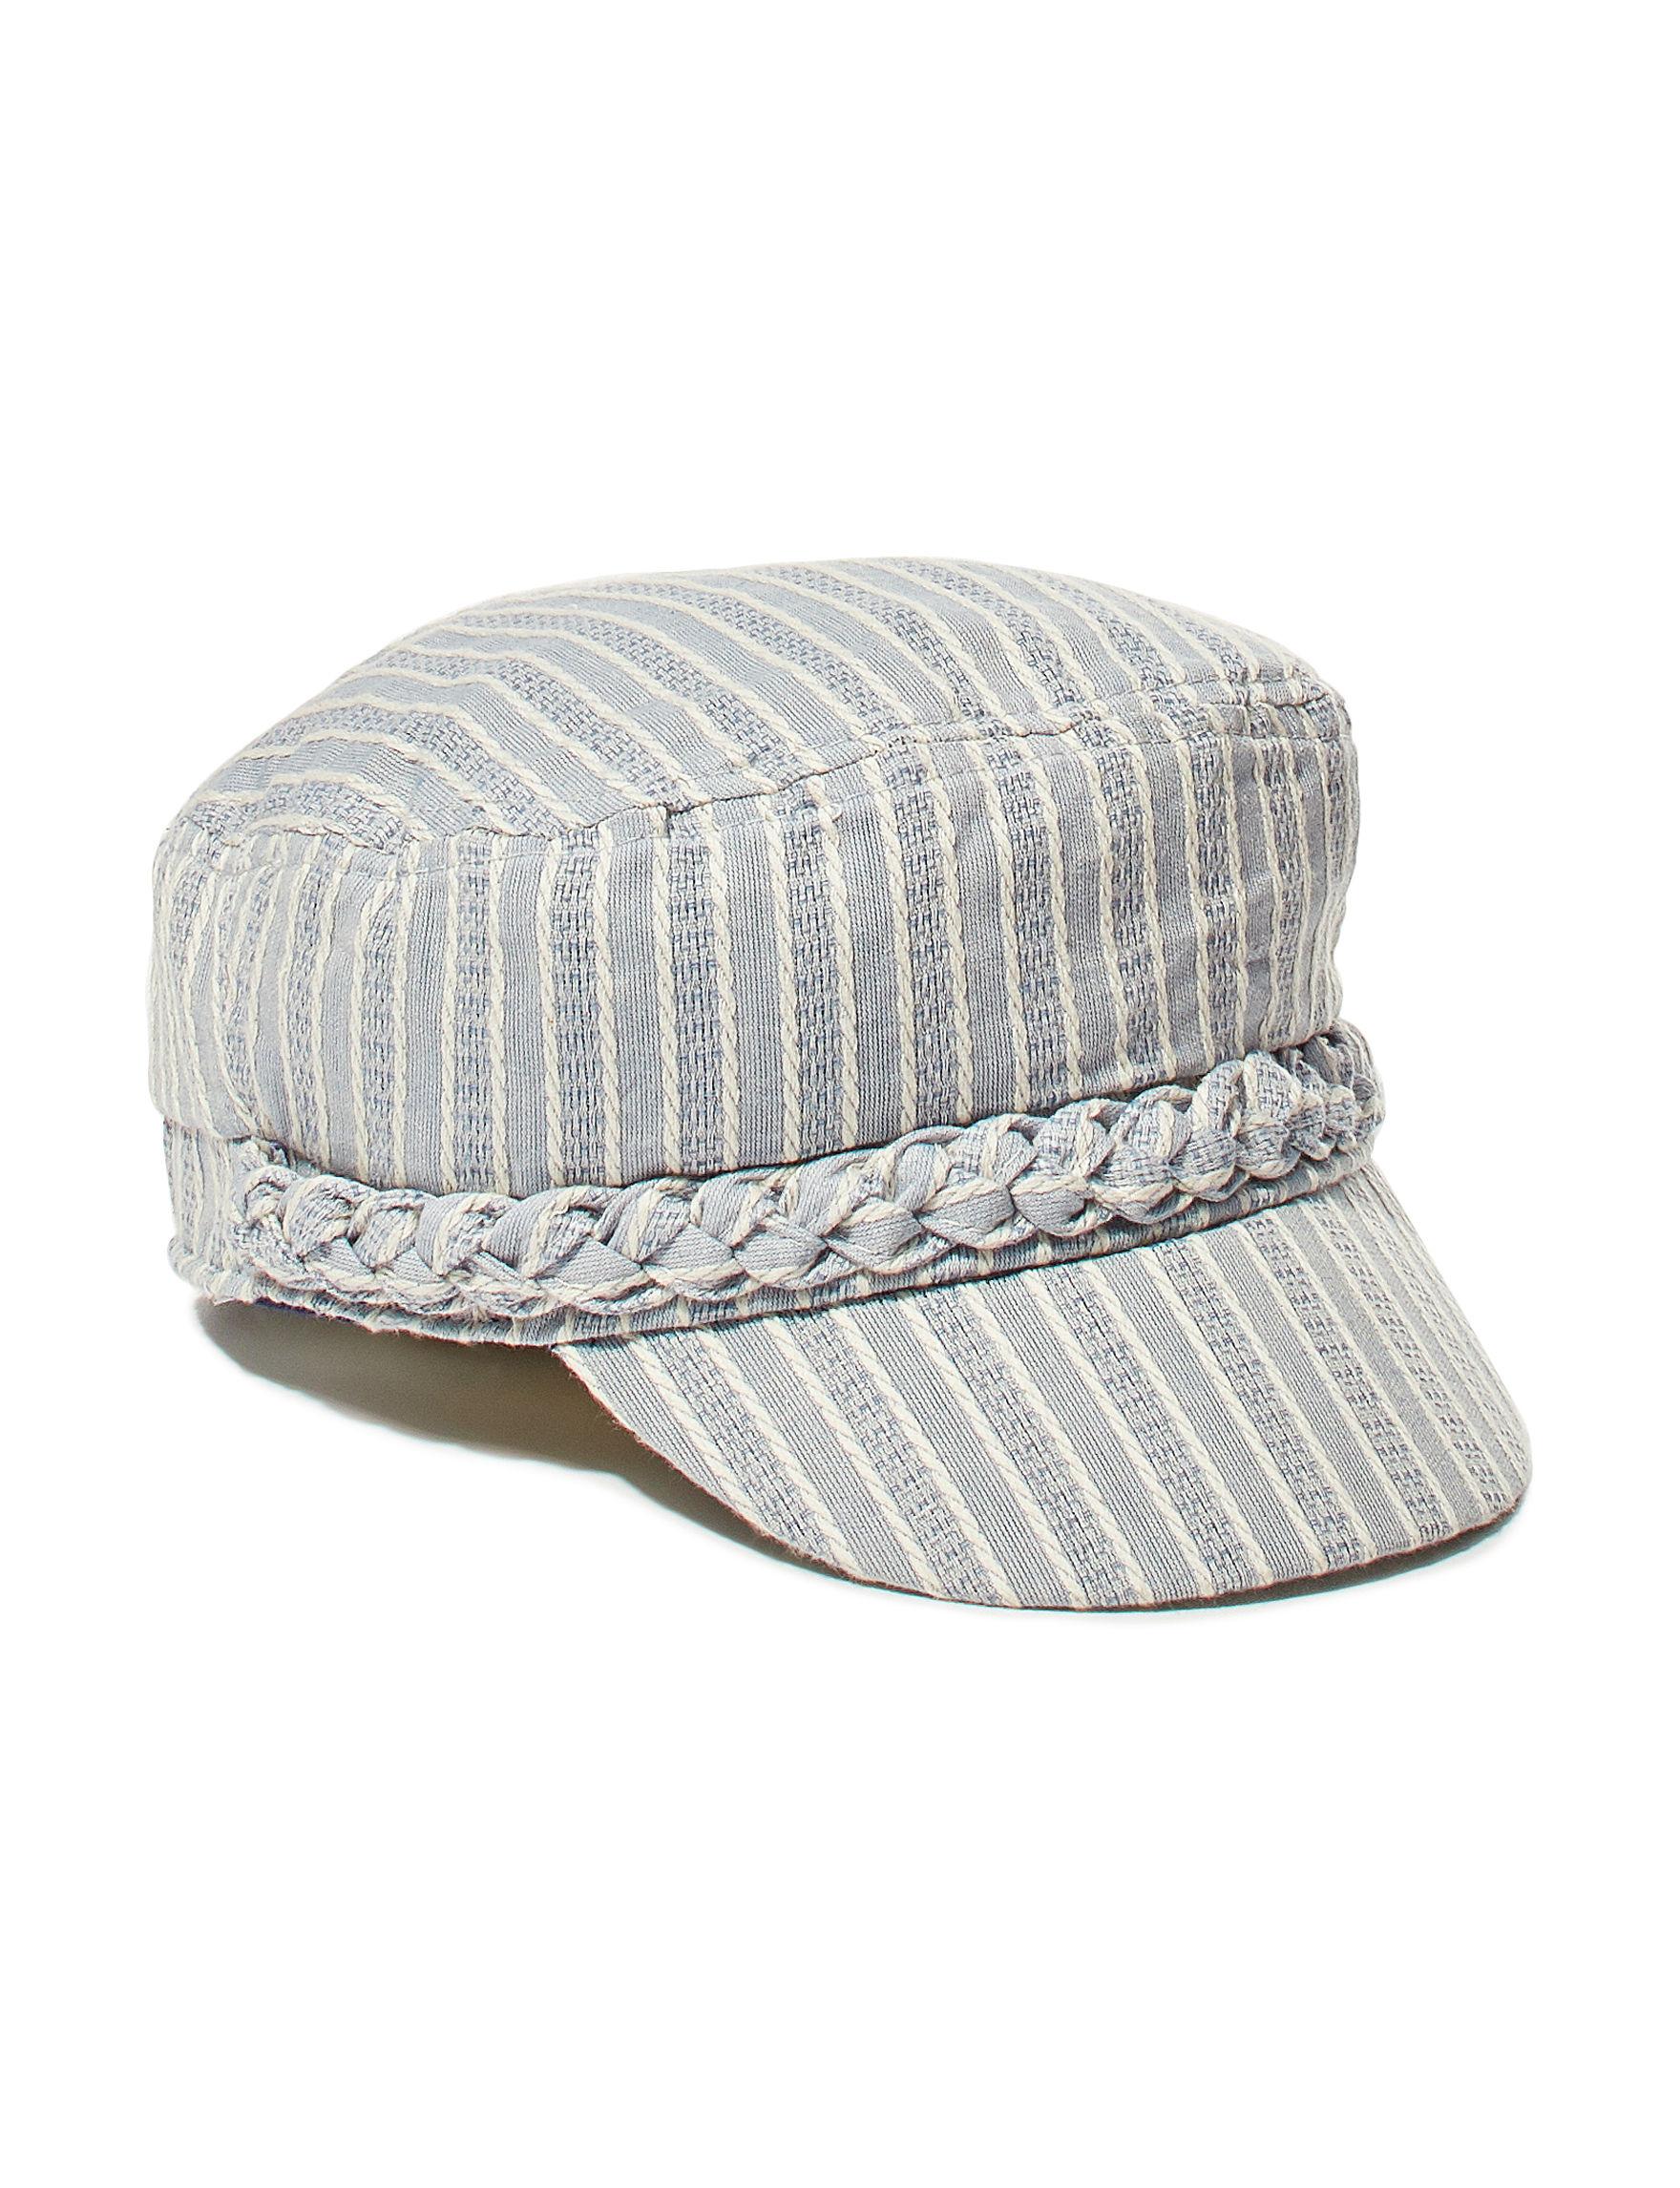 Amiee Lynn Grey / White Hats & Headwear Cadet